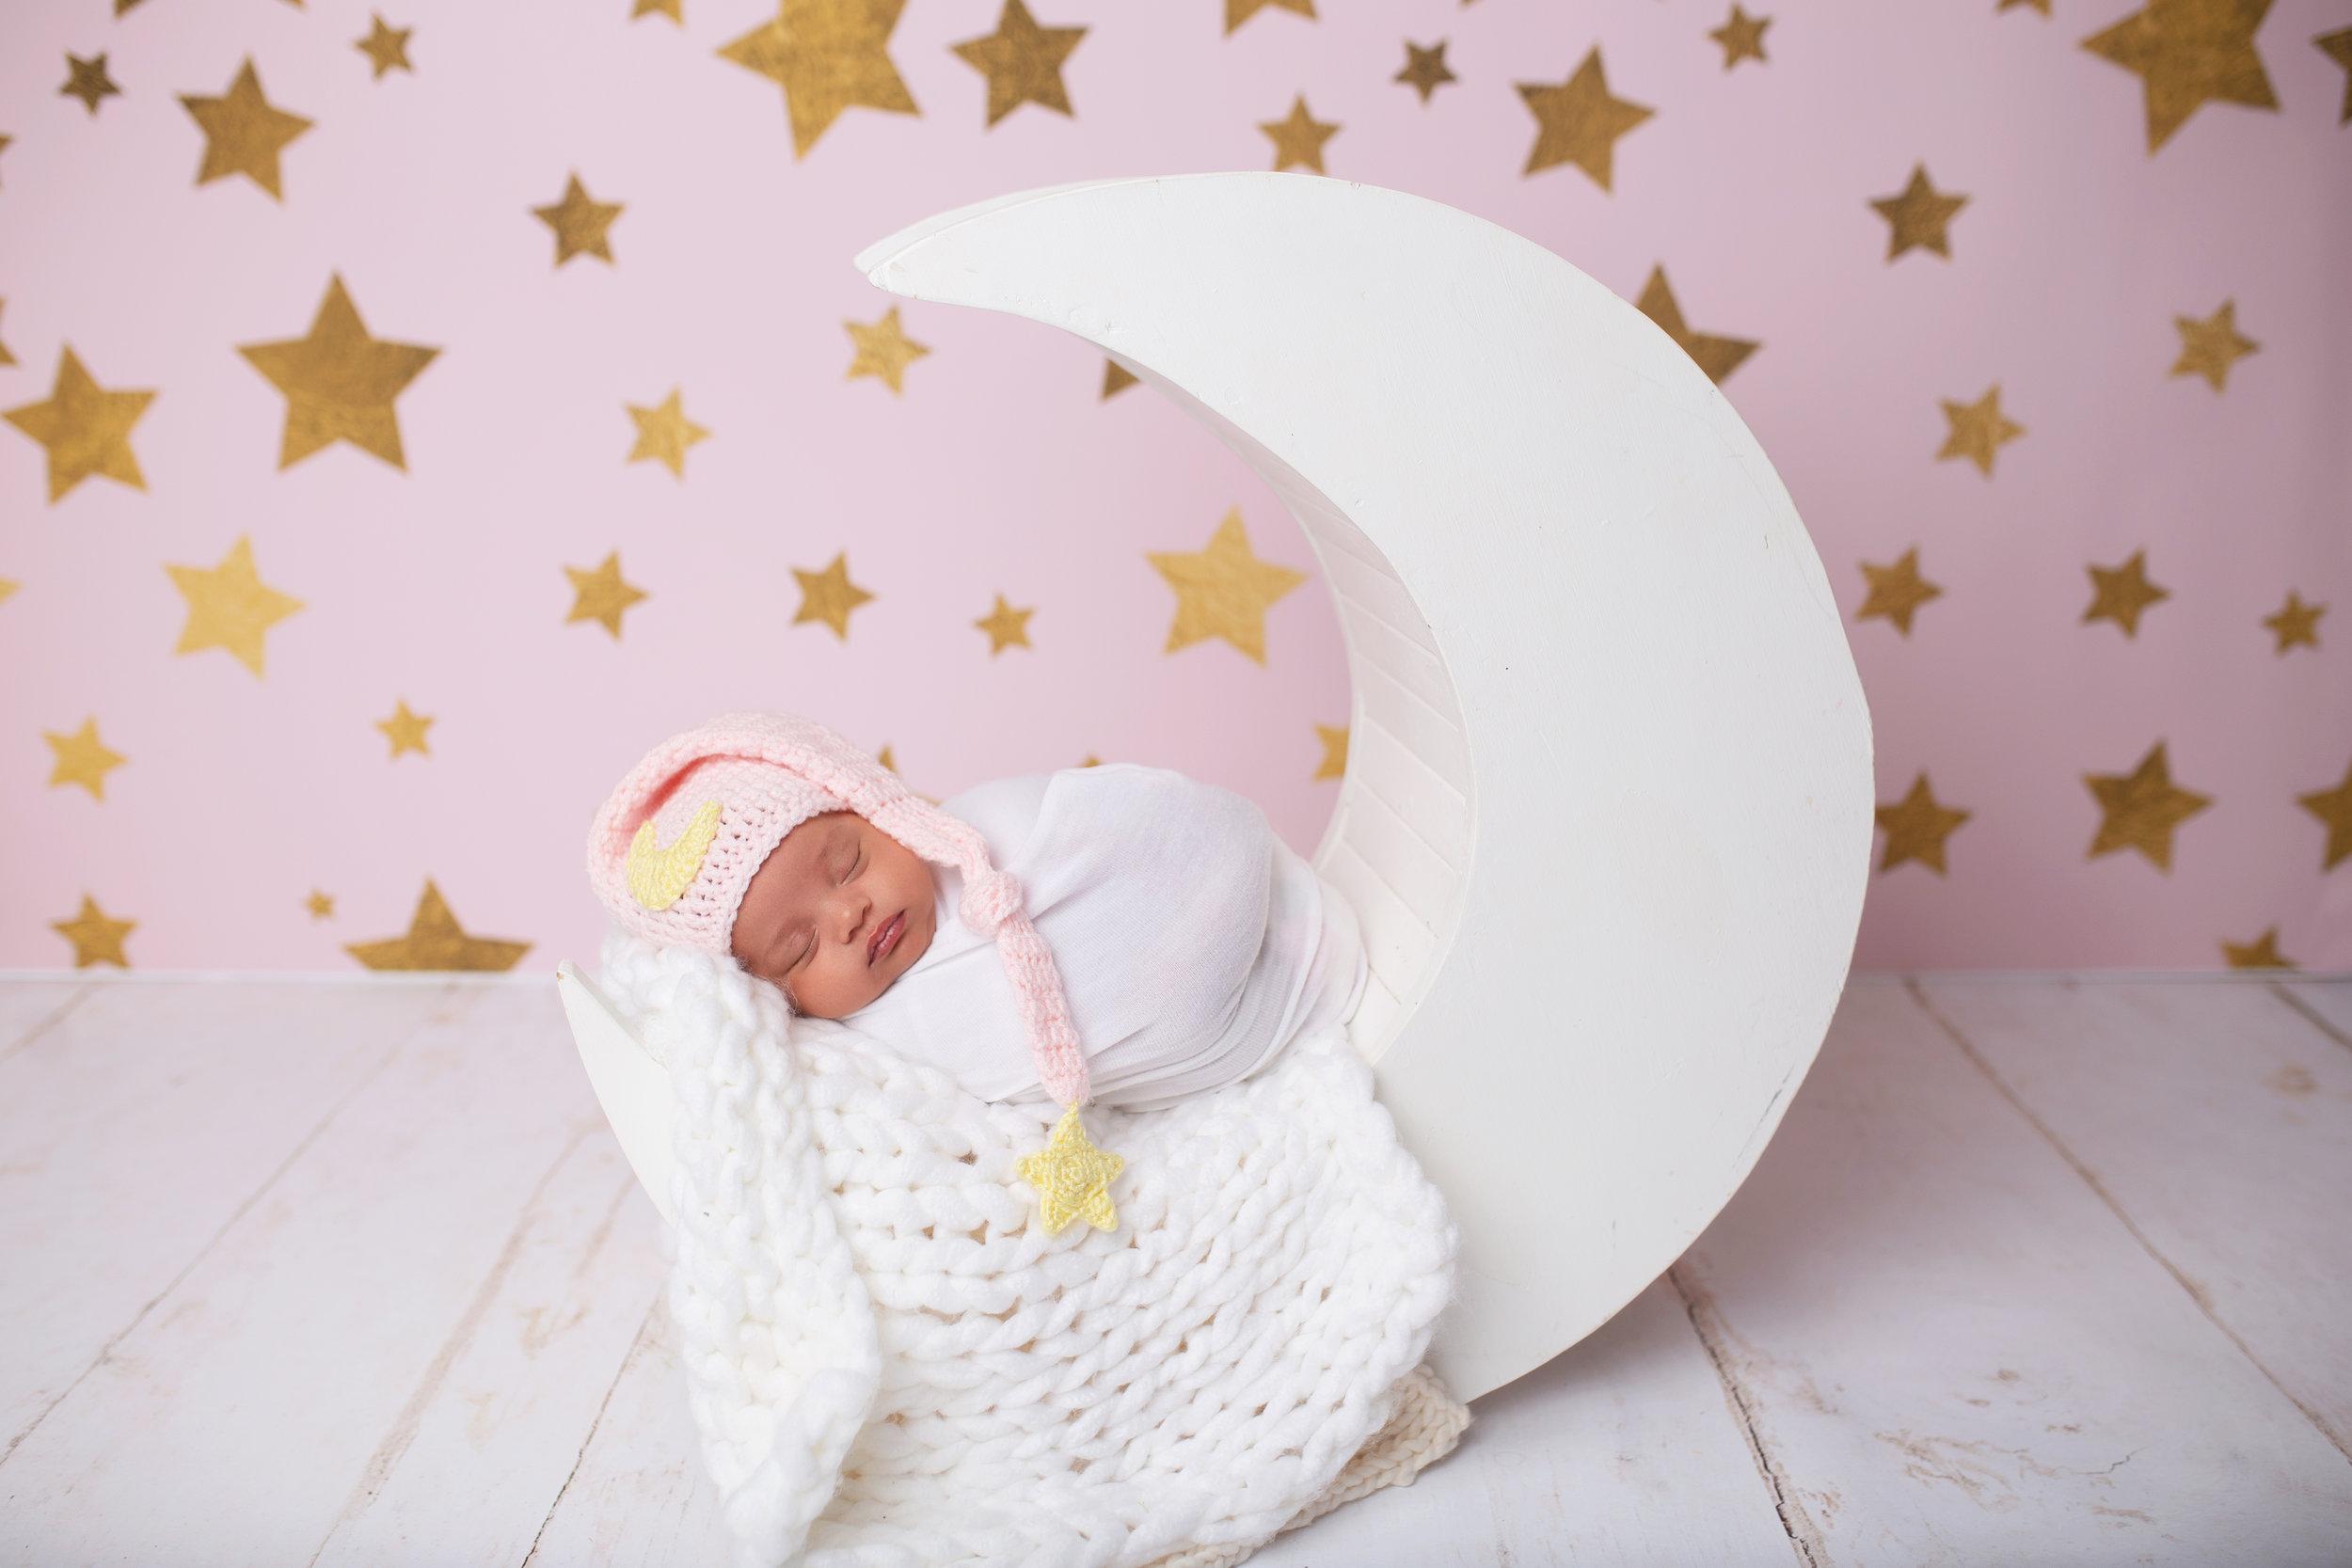 anchorage-newborn-photographer-4.jpg